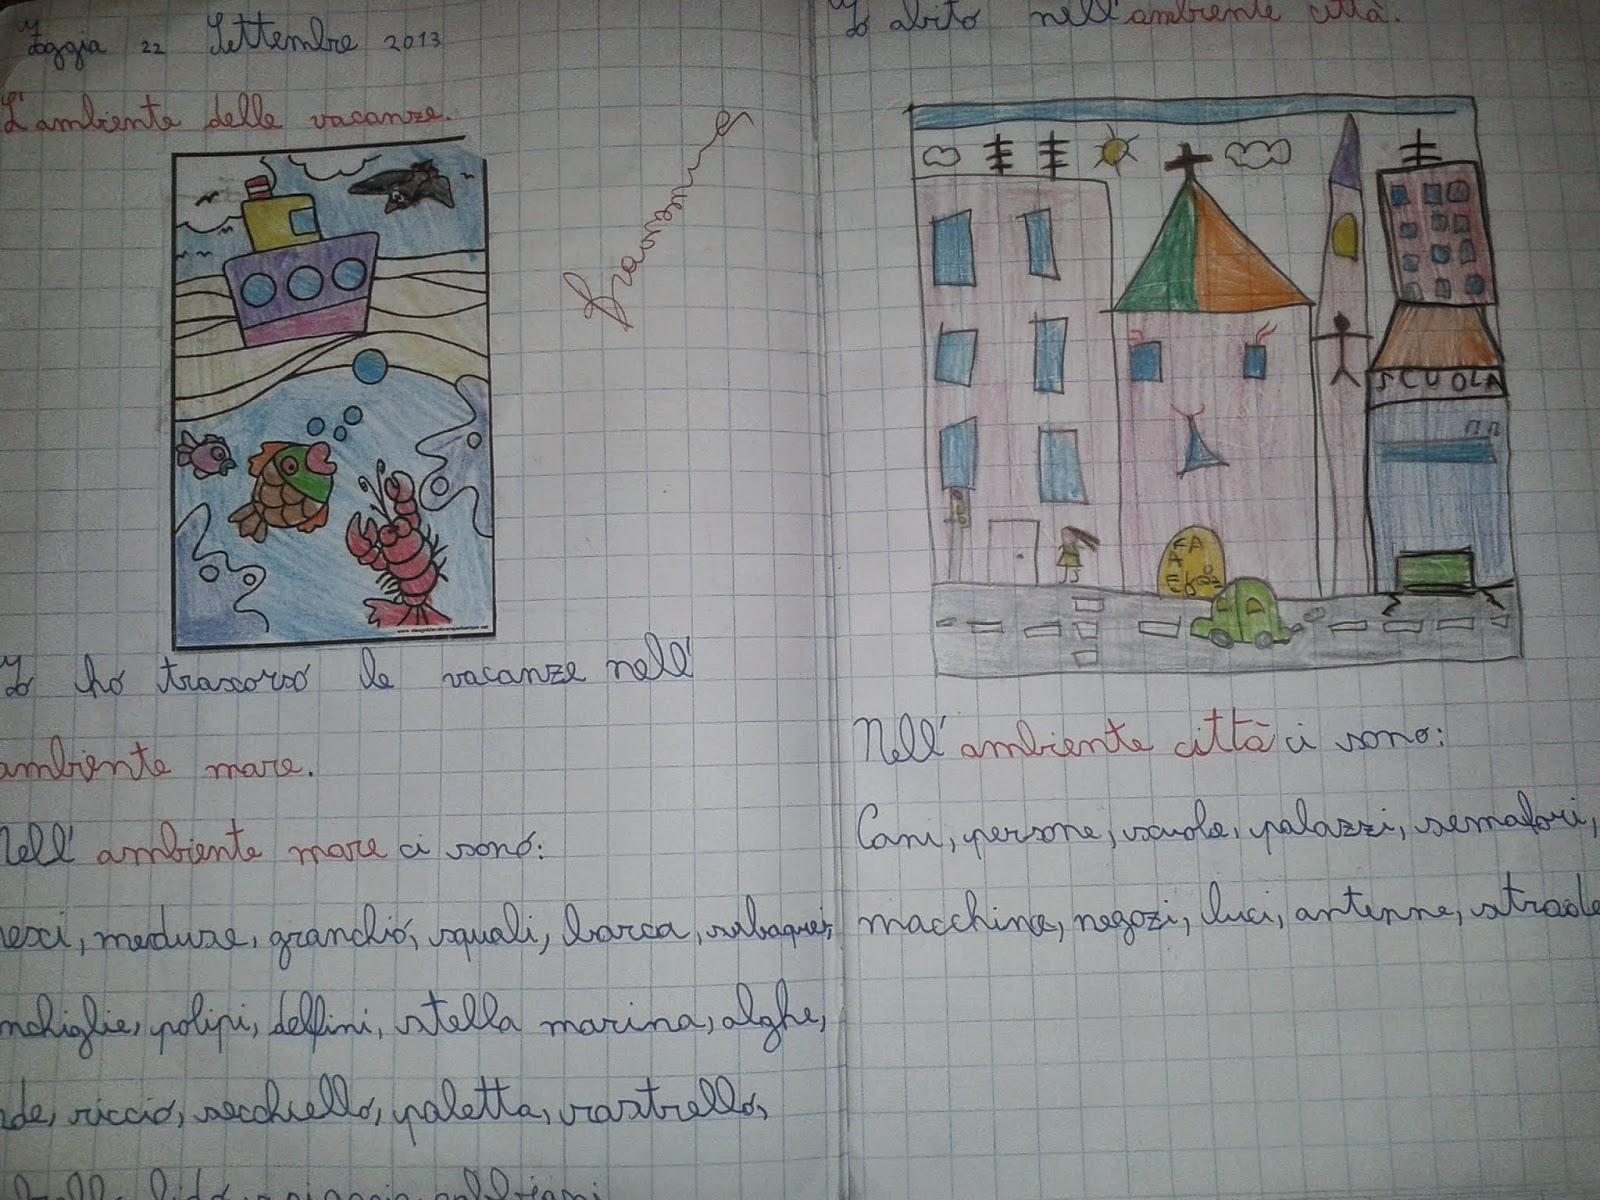 Amato LA MAESTRA MARIA TI SALUTA: Quaderno di geografia classe 2^ a.s.  RG73